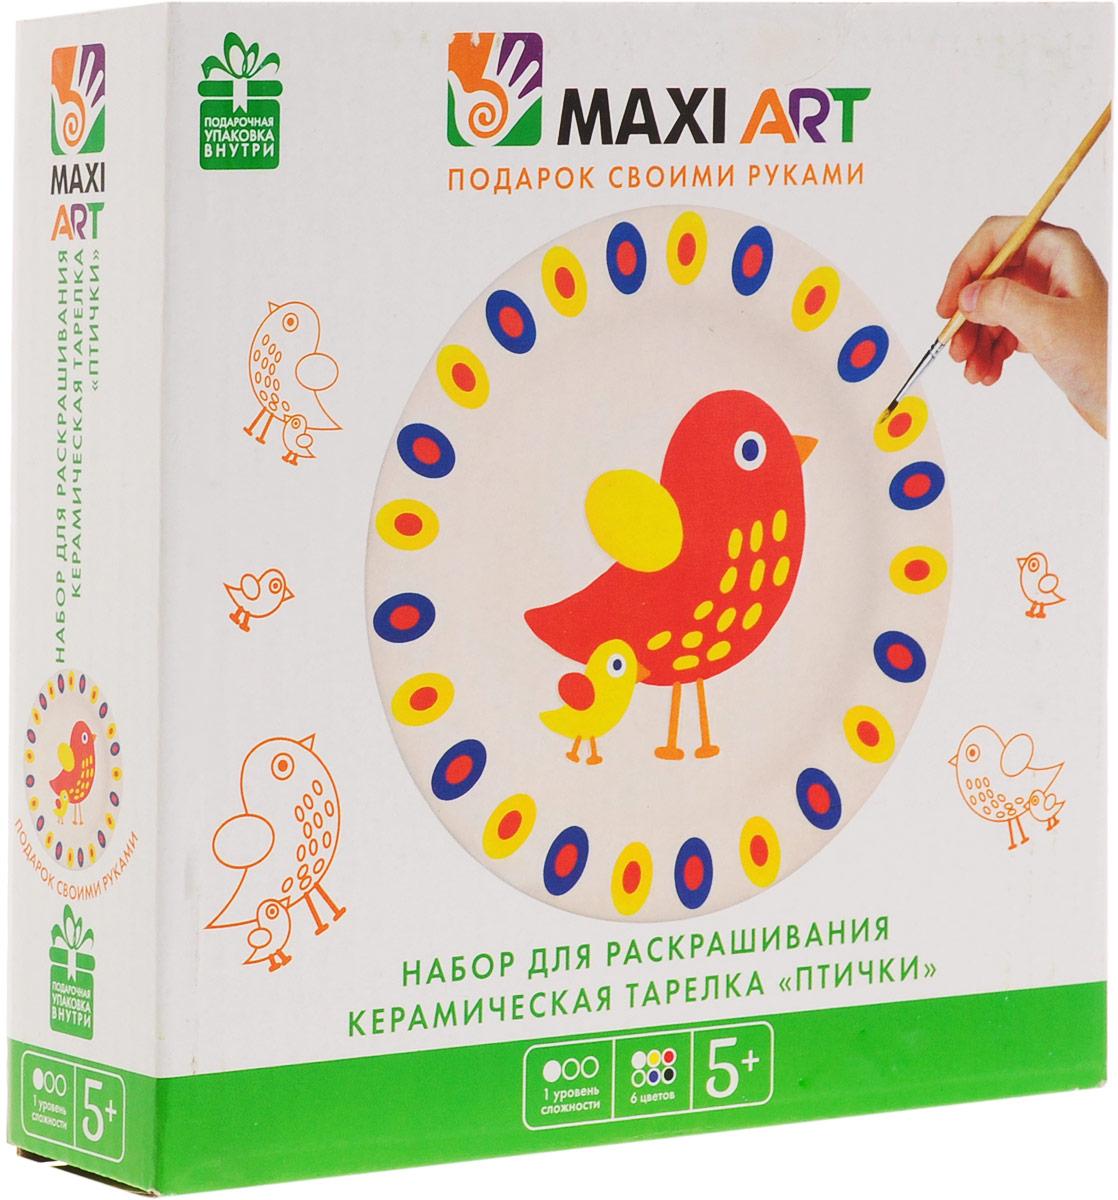 Maxi Art Набор для росписи Керамическая тарелка Птички